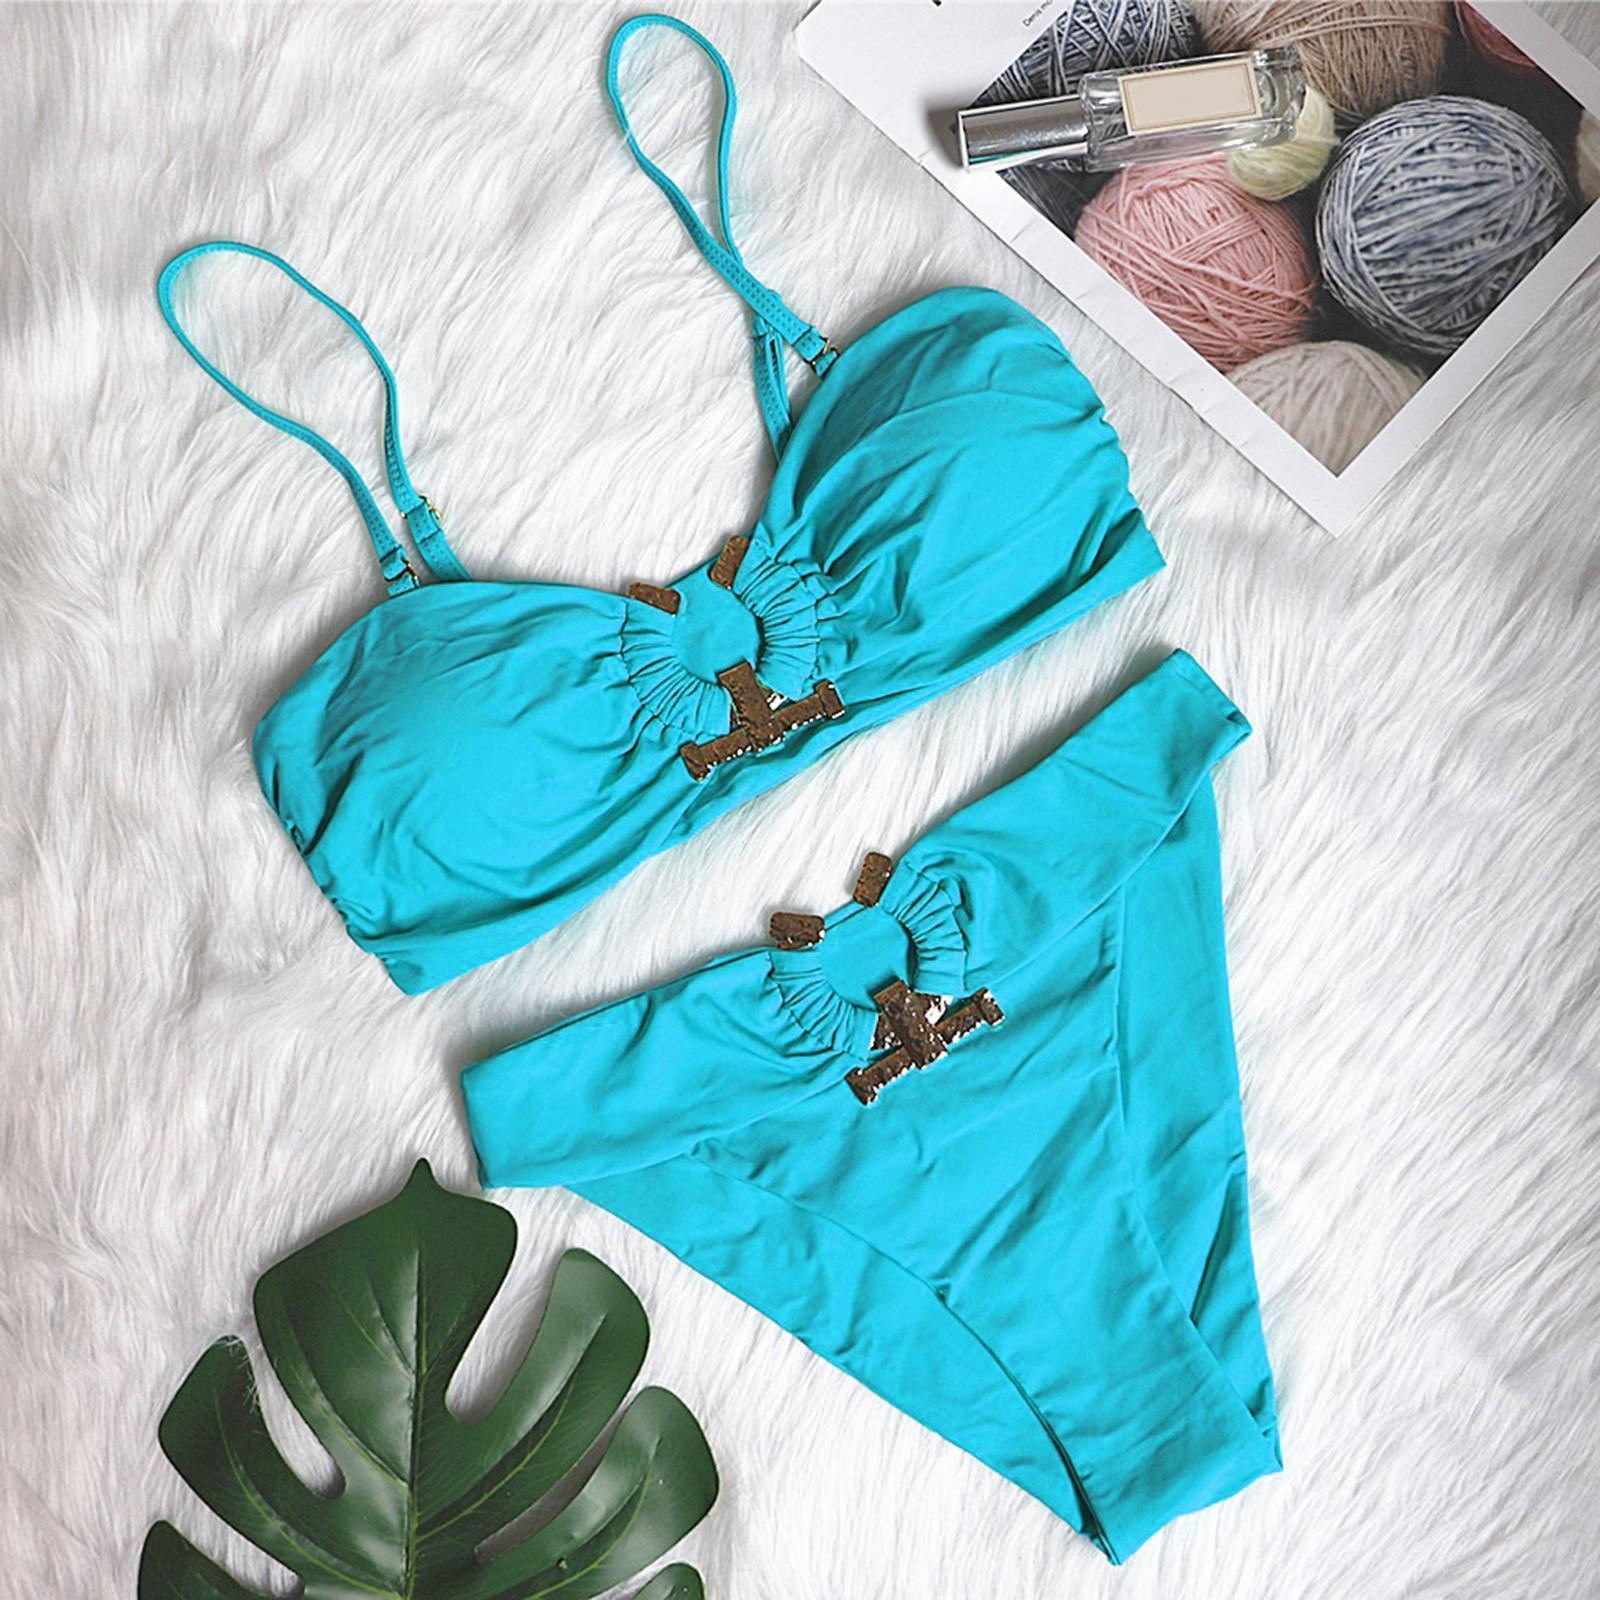 Indexbild 137 - Zwei Stücke Bikini Set Strappy Bademode Party Badeanzug Tankini Bademode